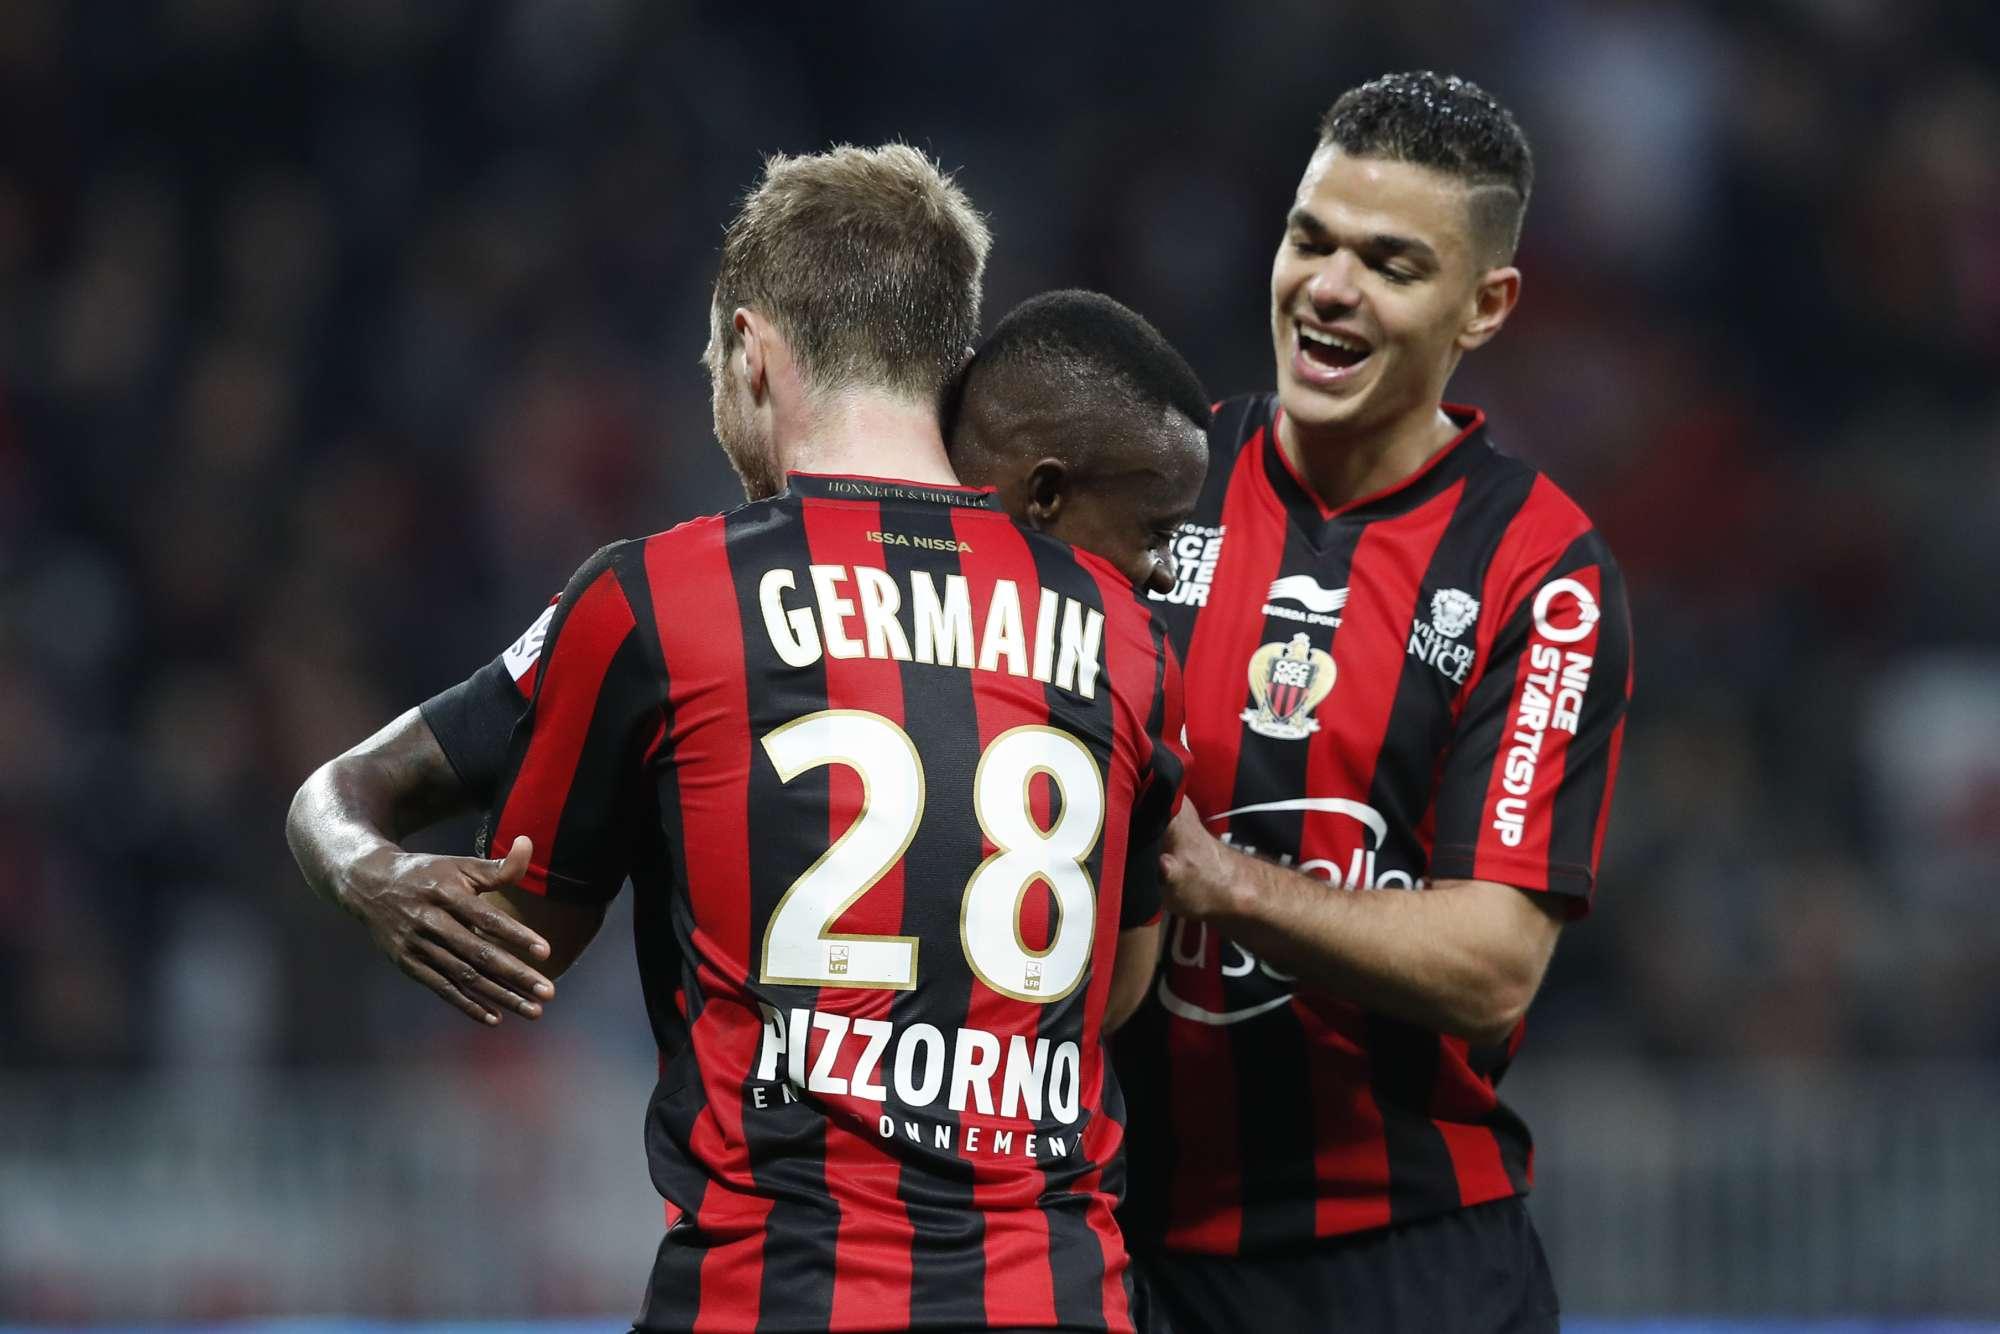 Nizza in corsa per un posto nella prossima Champions League